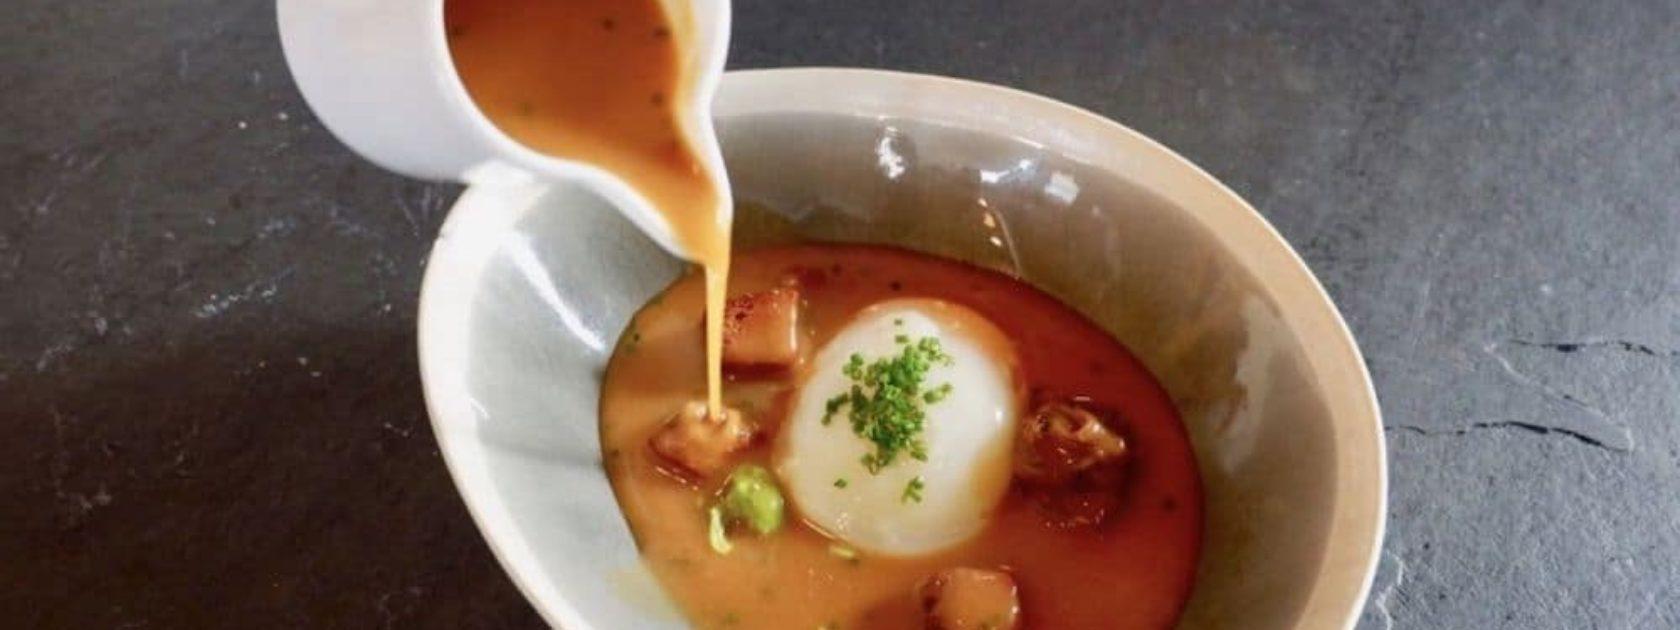 Bij Euskadi bezoek je authentiek Baskenland! Probeer zeker de Sopa de Ajo, een verrassend lekkere knoflook soep met een zachtgekookt ei, pittige croutons en champignons. Het is ook een stukje beleving, want de ingrediënten liggen al op je diepe bord en hierover giet de ober de bouillon.